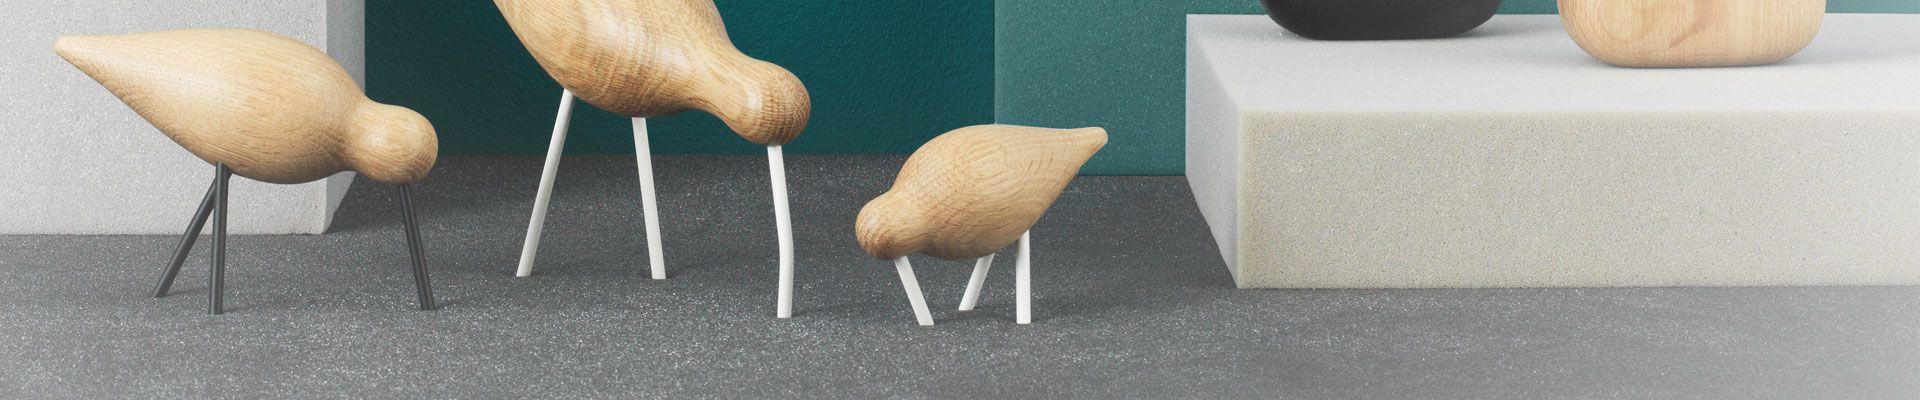 Normann Copenhagen collectors item